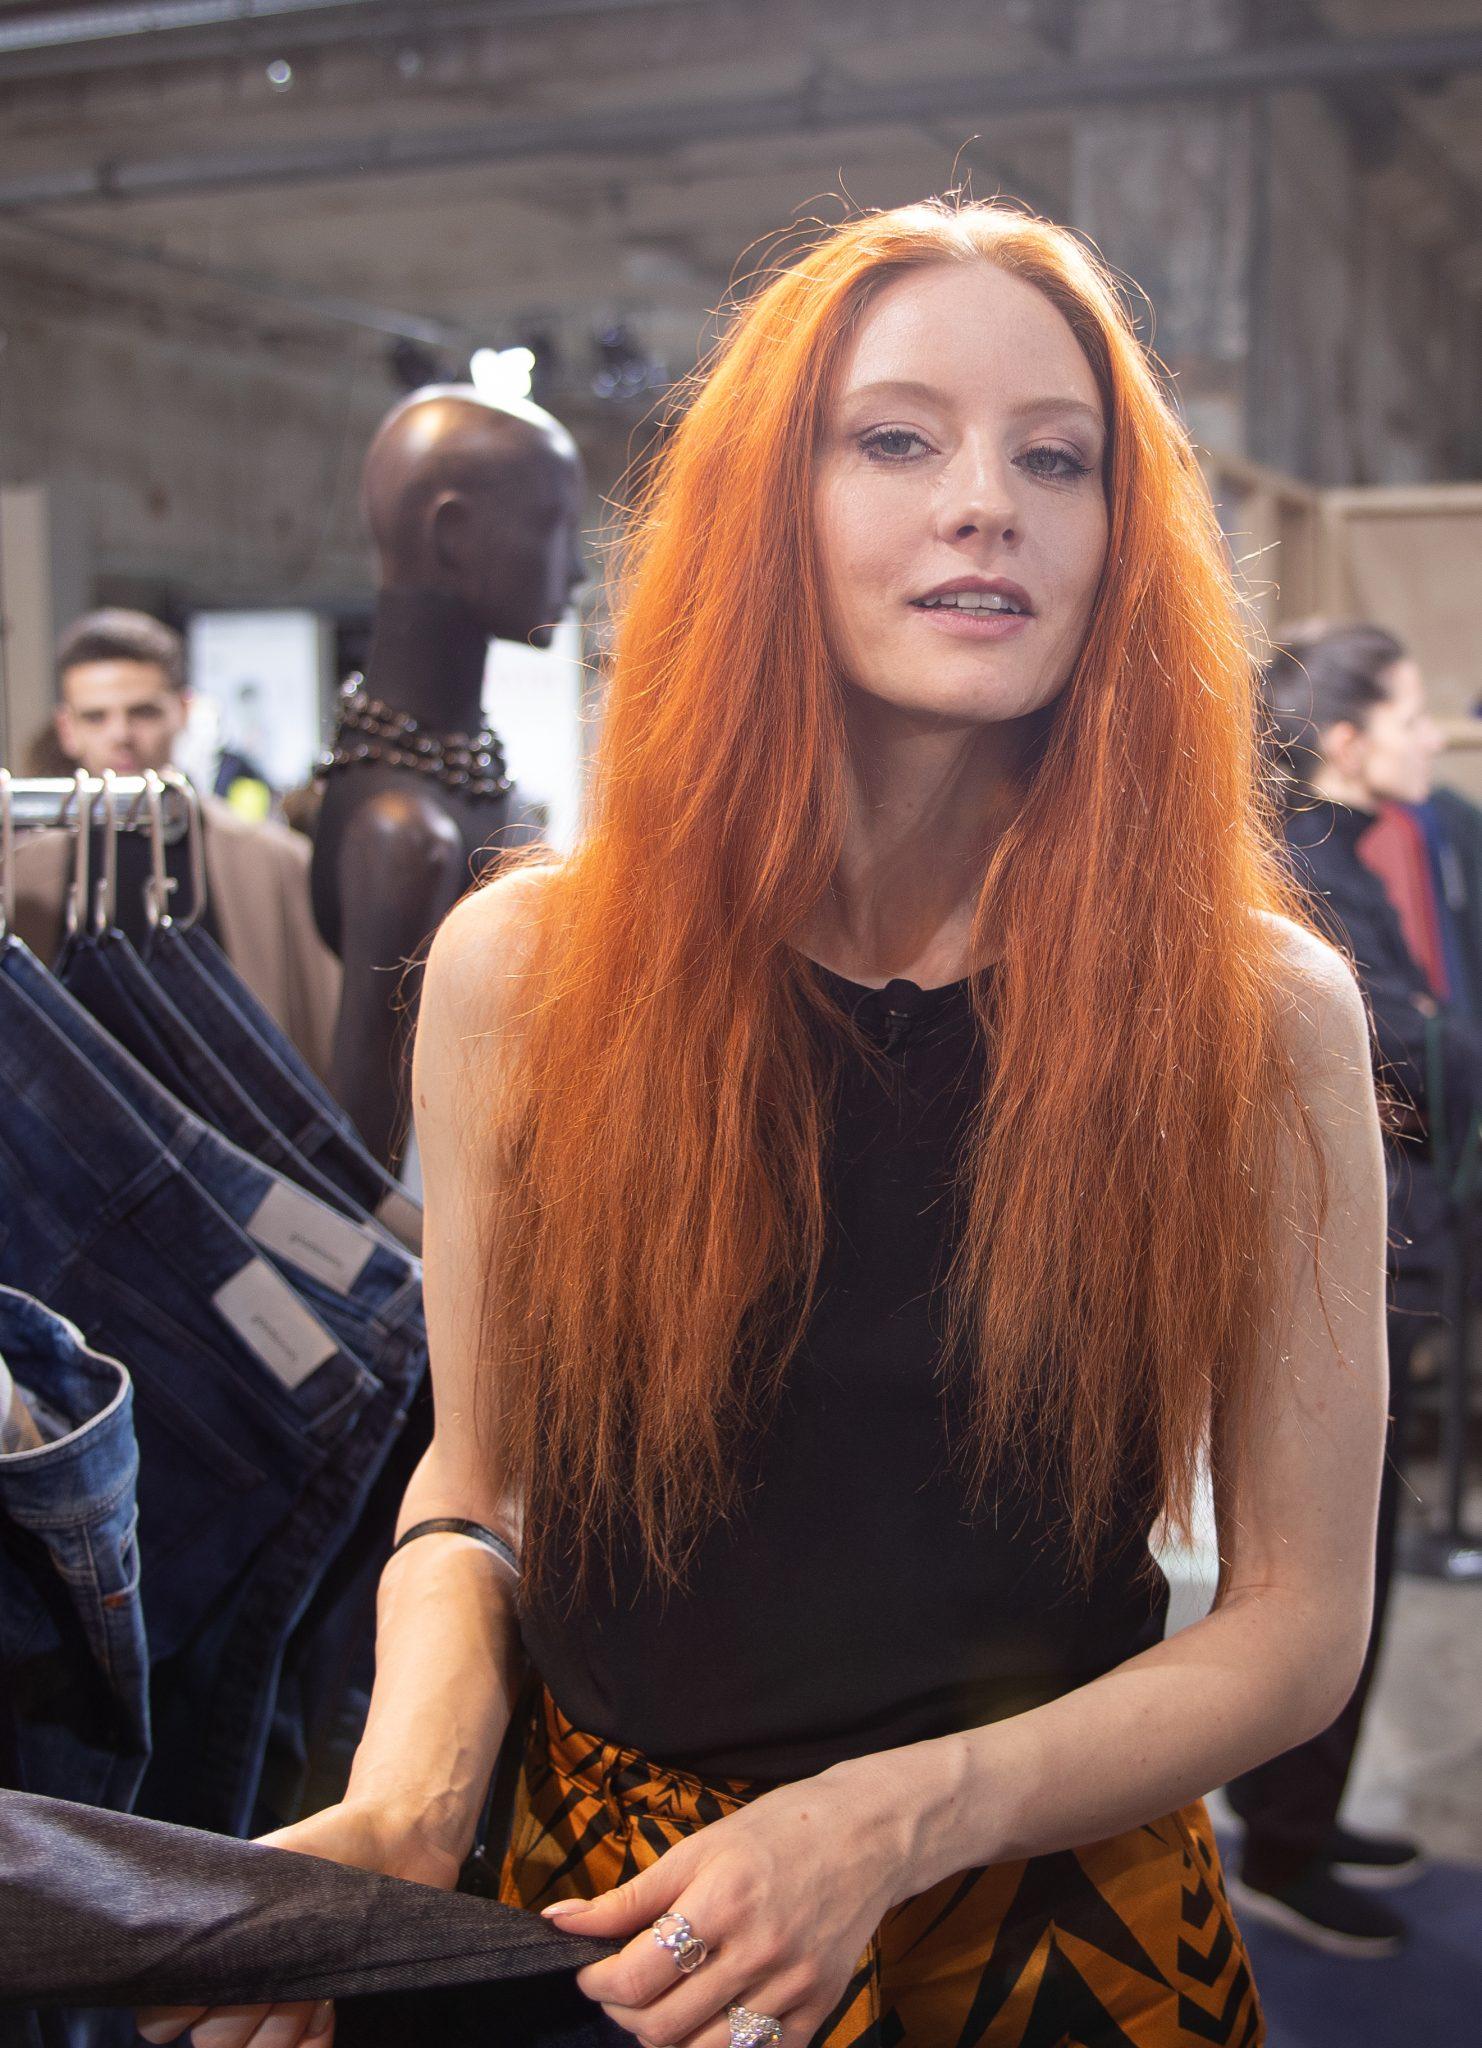 Barbara Meier hat sich auf der Fashion-Week nach nachhaltiger Mode umgeschaut. © Foto: Julia Thiemann / WWF